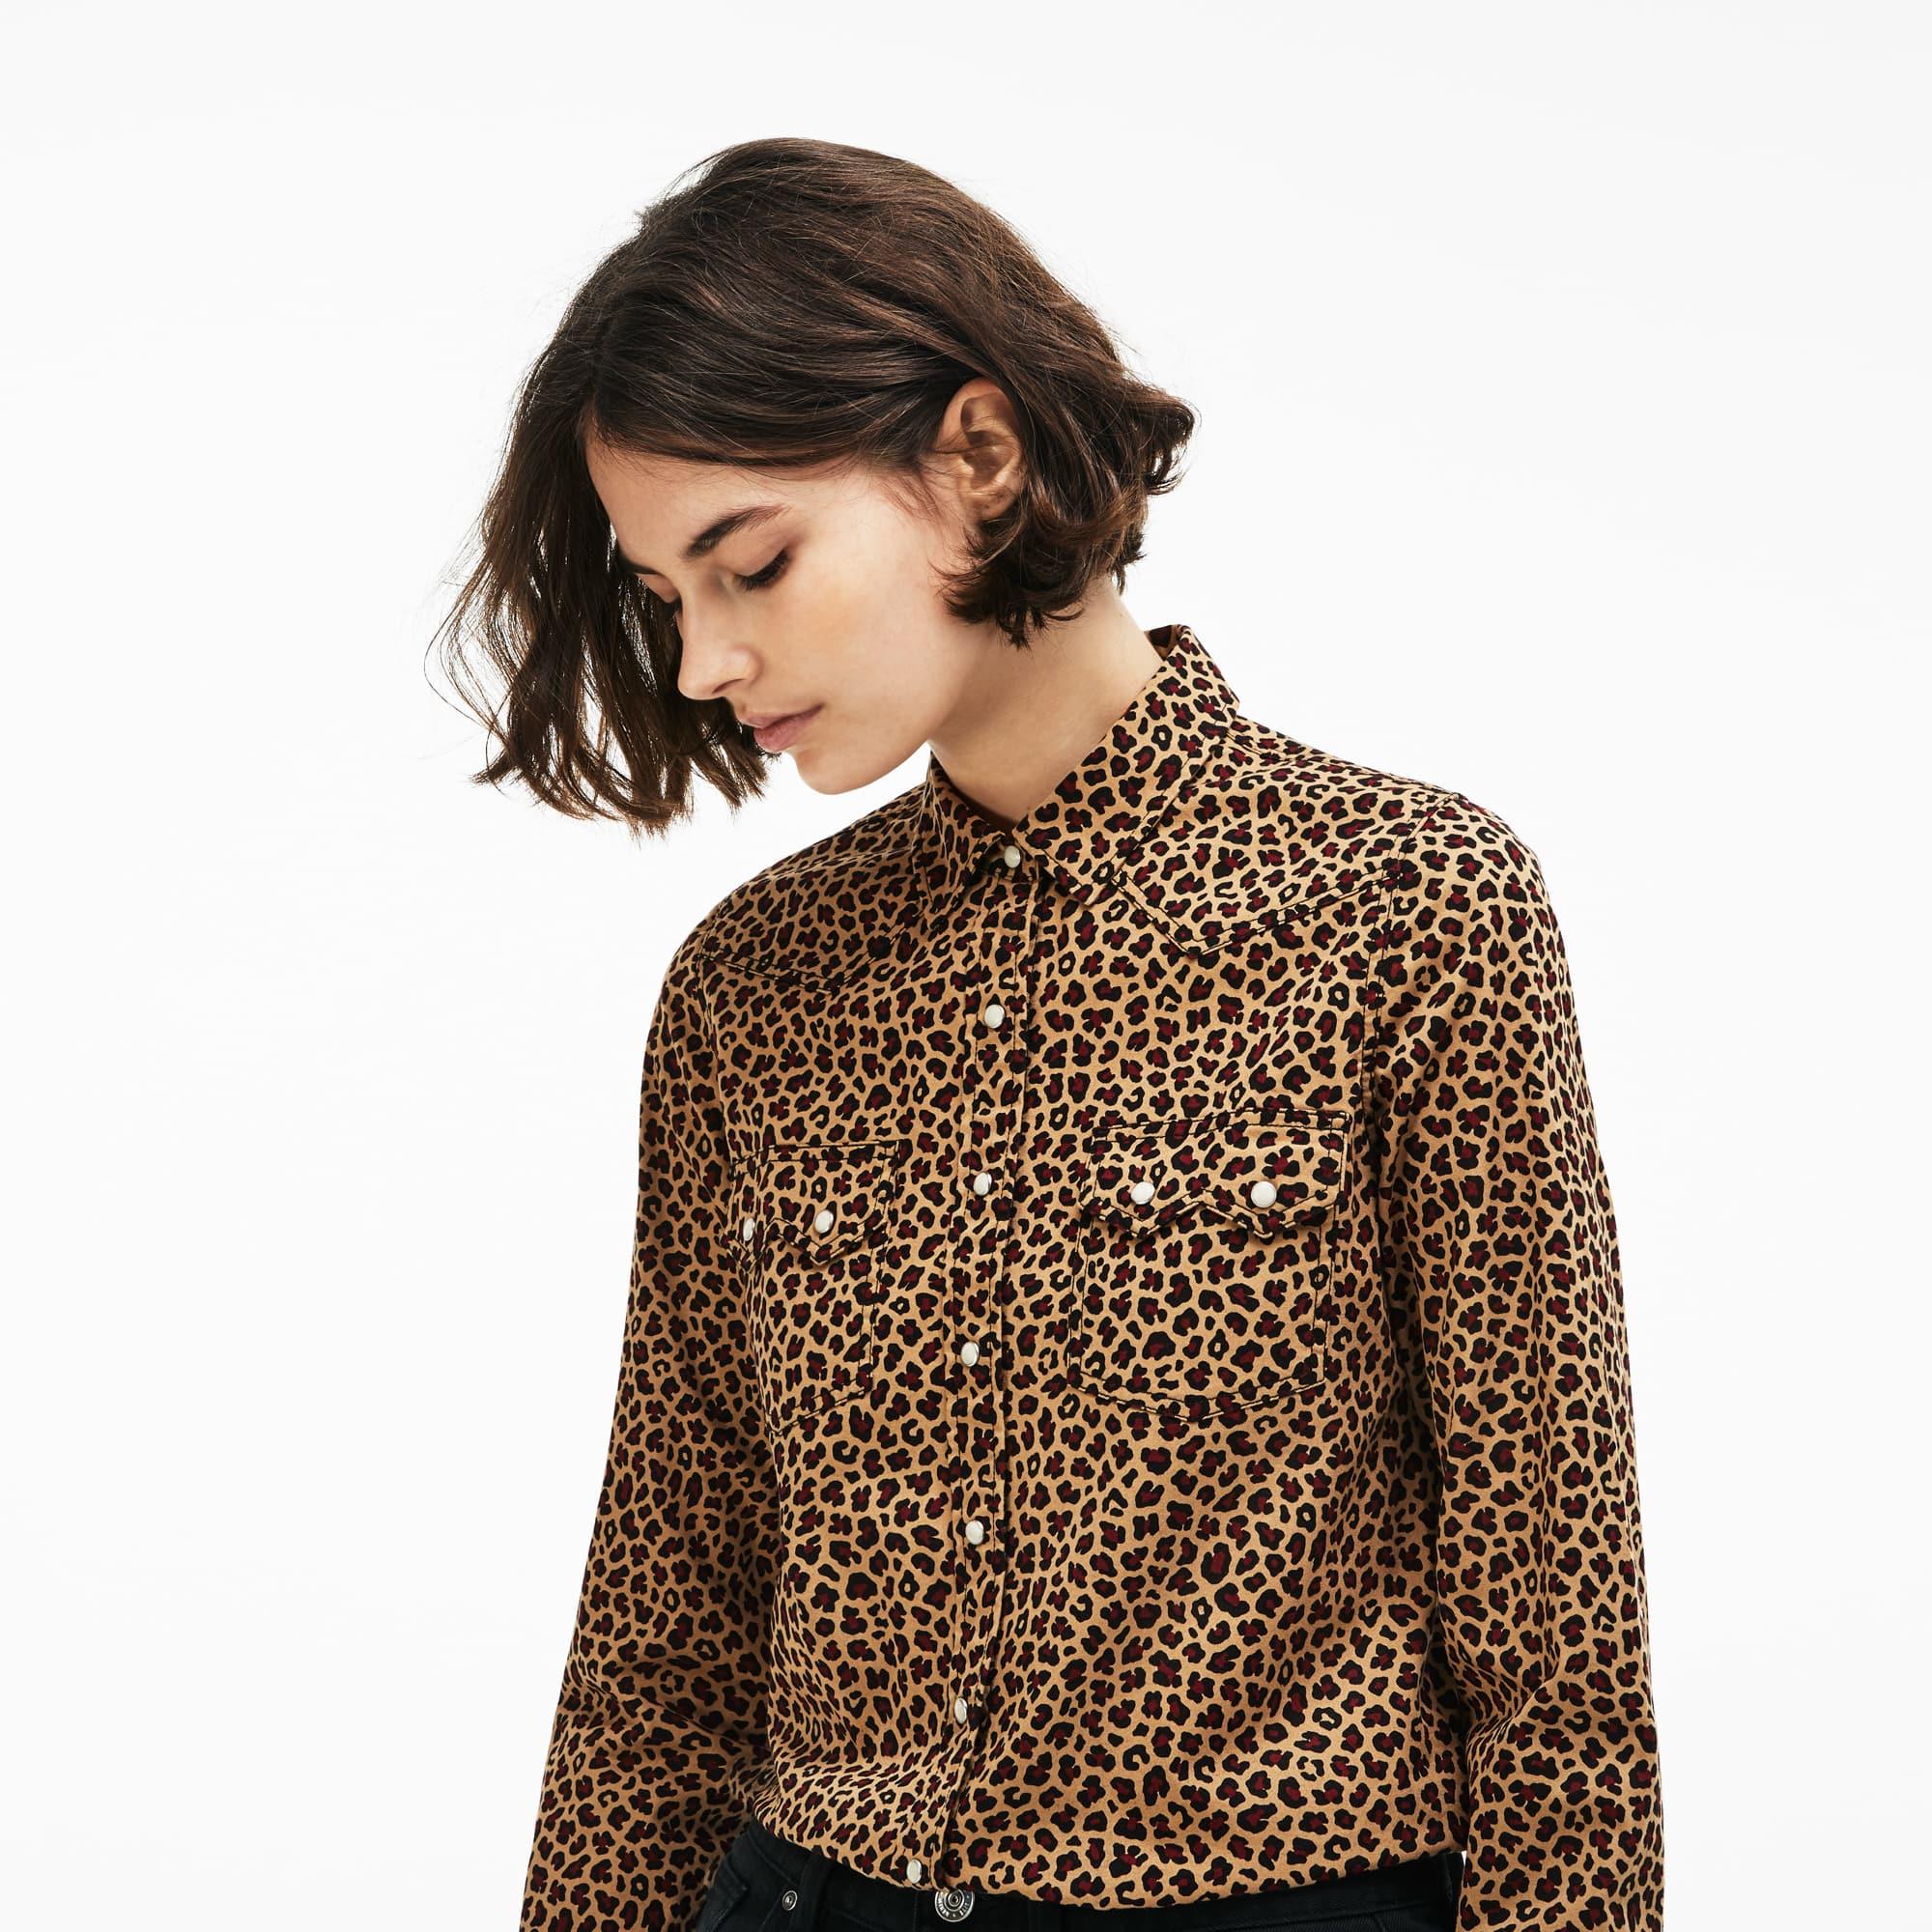 Chemise slim fit Lacoste LIVE en twill stretch imprimé léopard